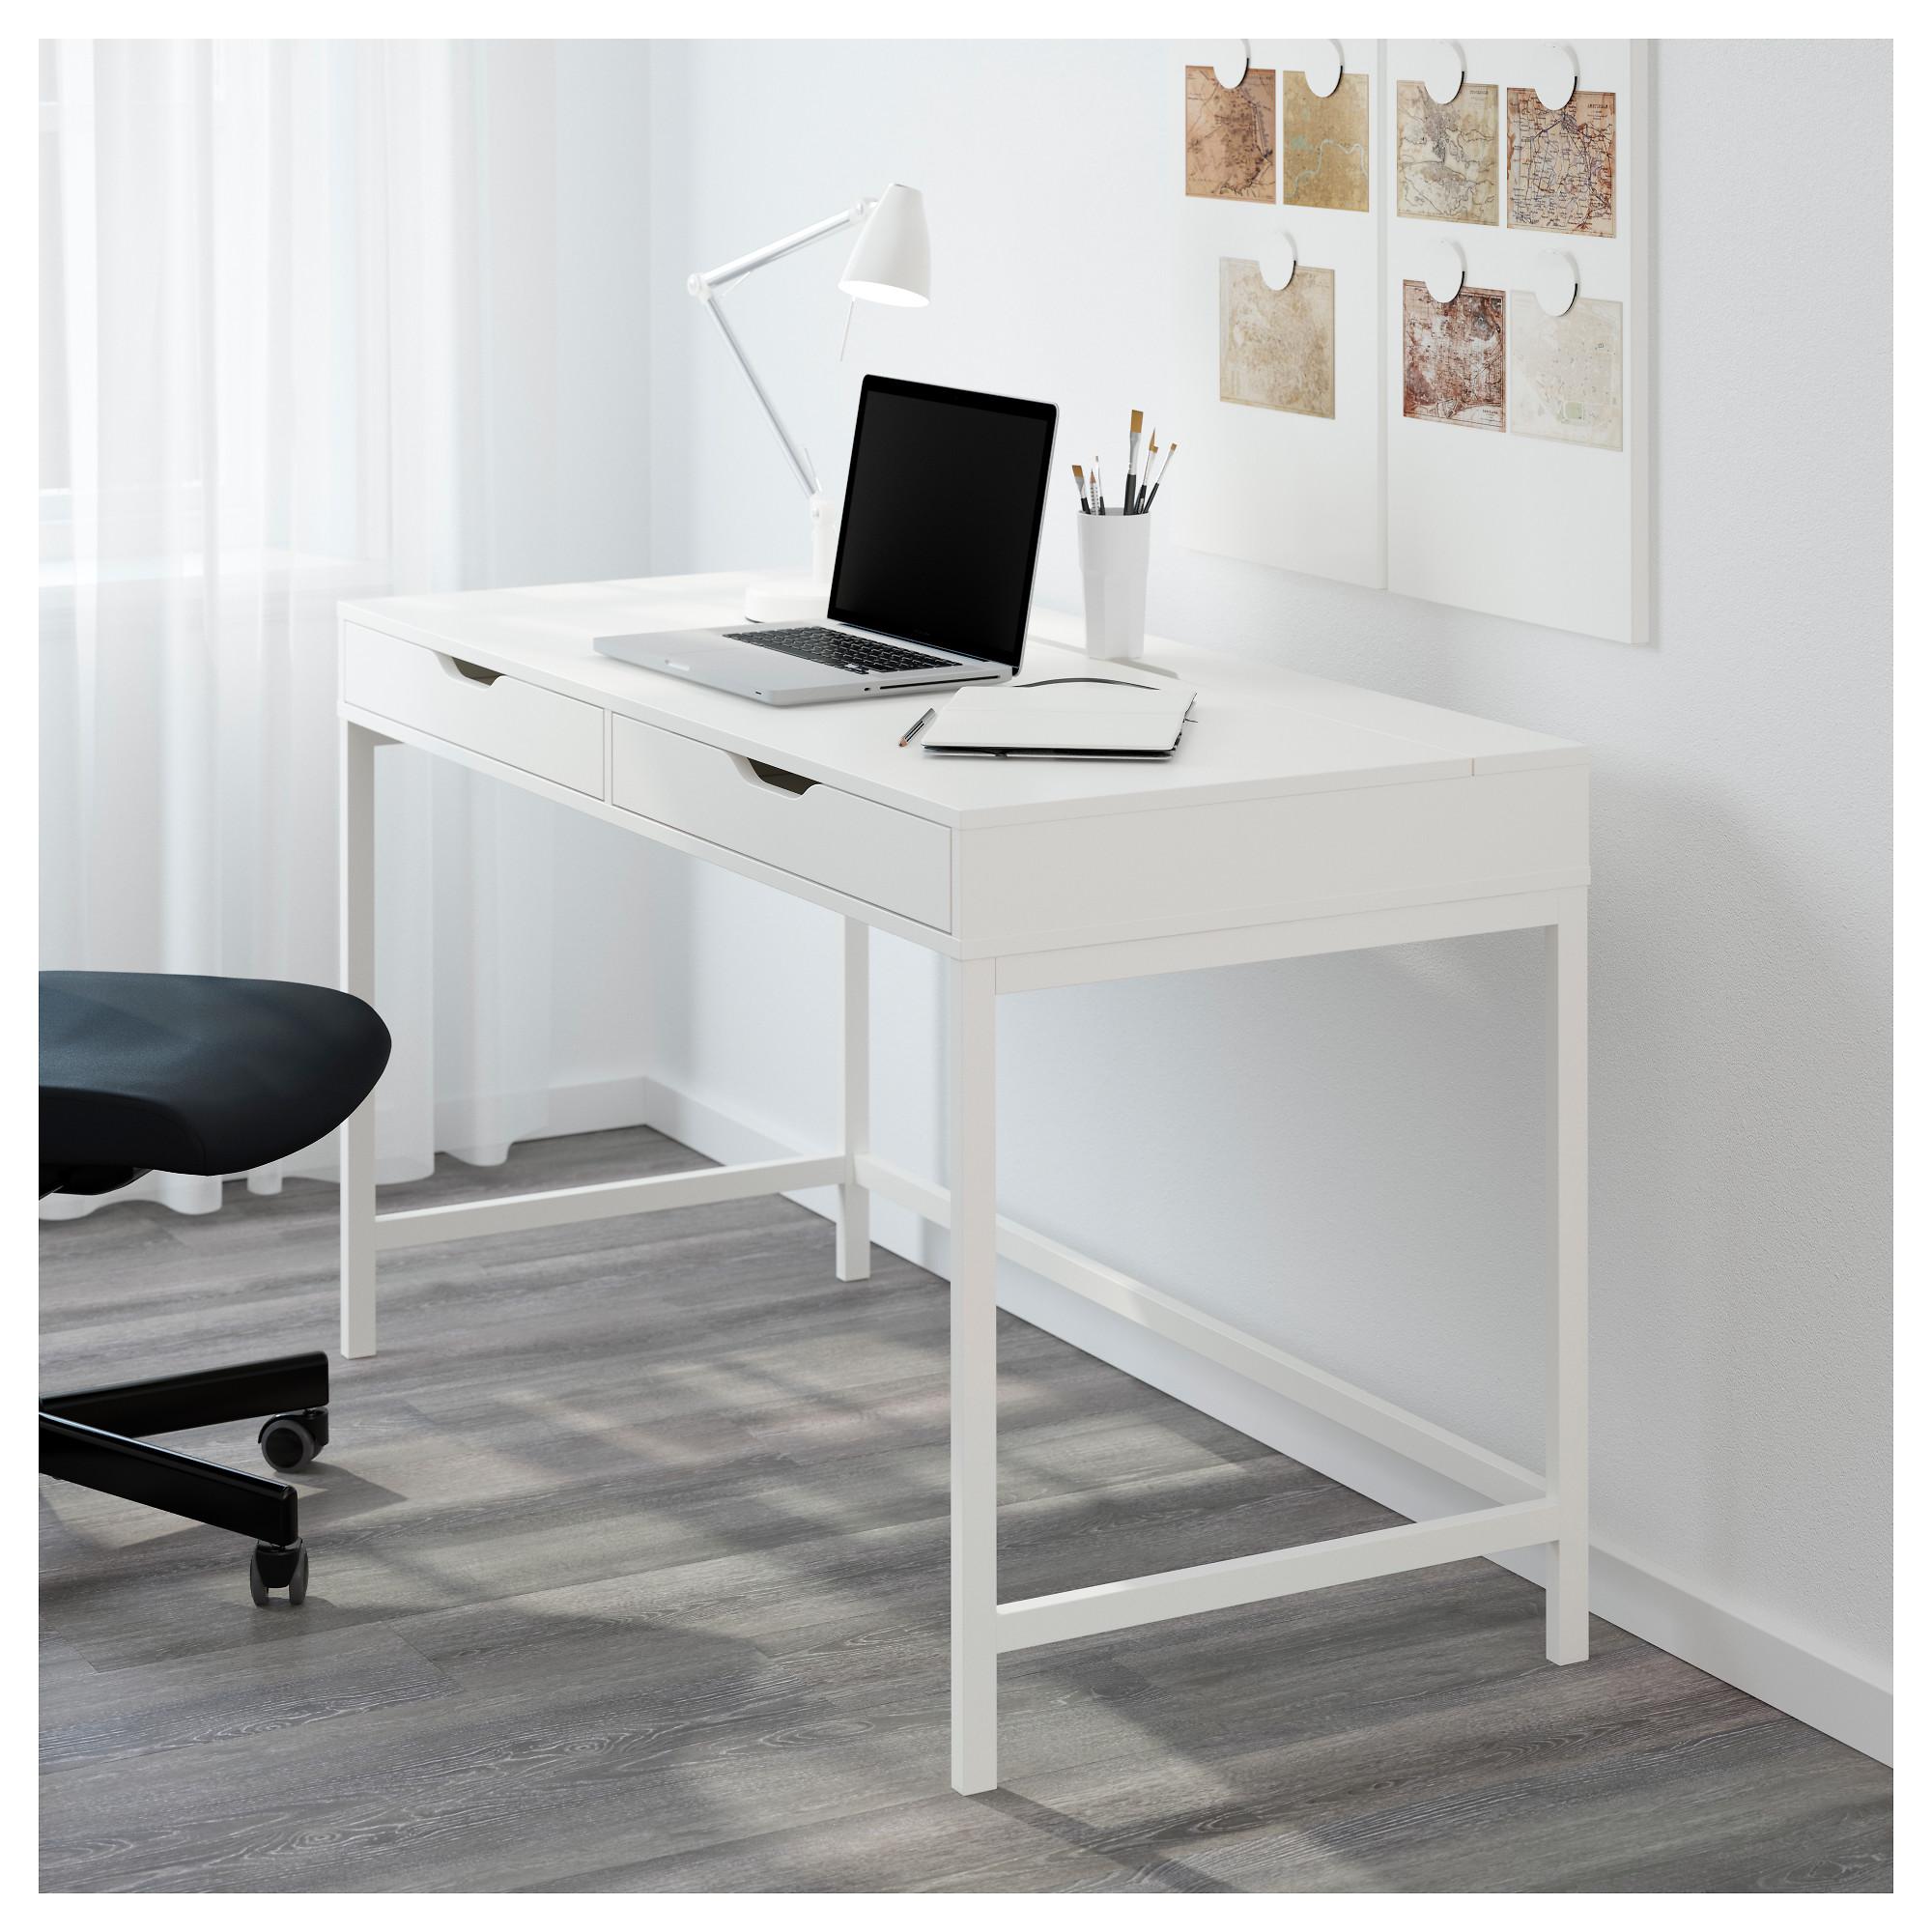 столы икеа в минске купить стол Ikea с доставкой Ikealove